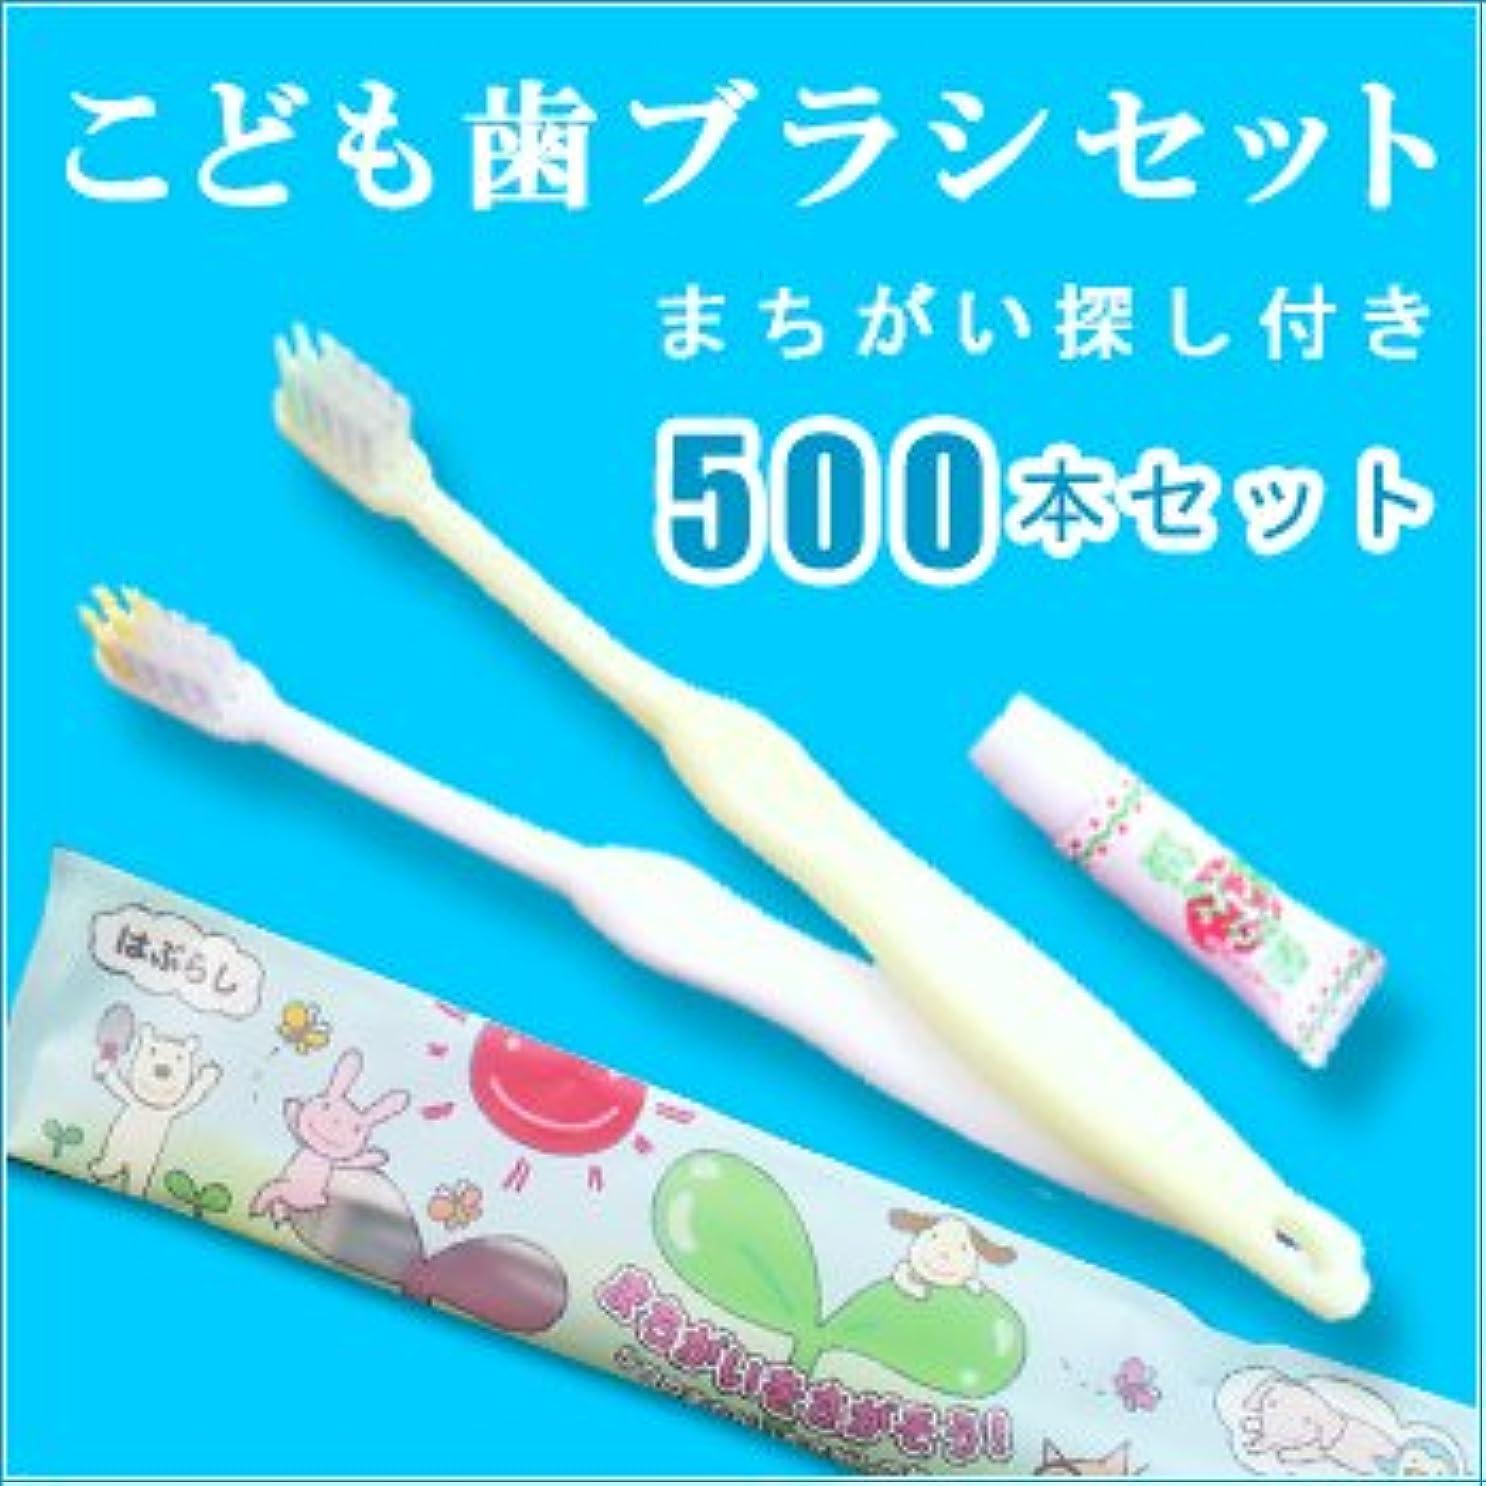 日常的にハーブはずこども用歯ブラシ いちご味の歯磨き粉 3gチューブ付 ホワイト?イエロー2色アソート(1セット500本)1本当たり34円